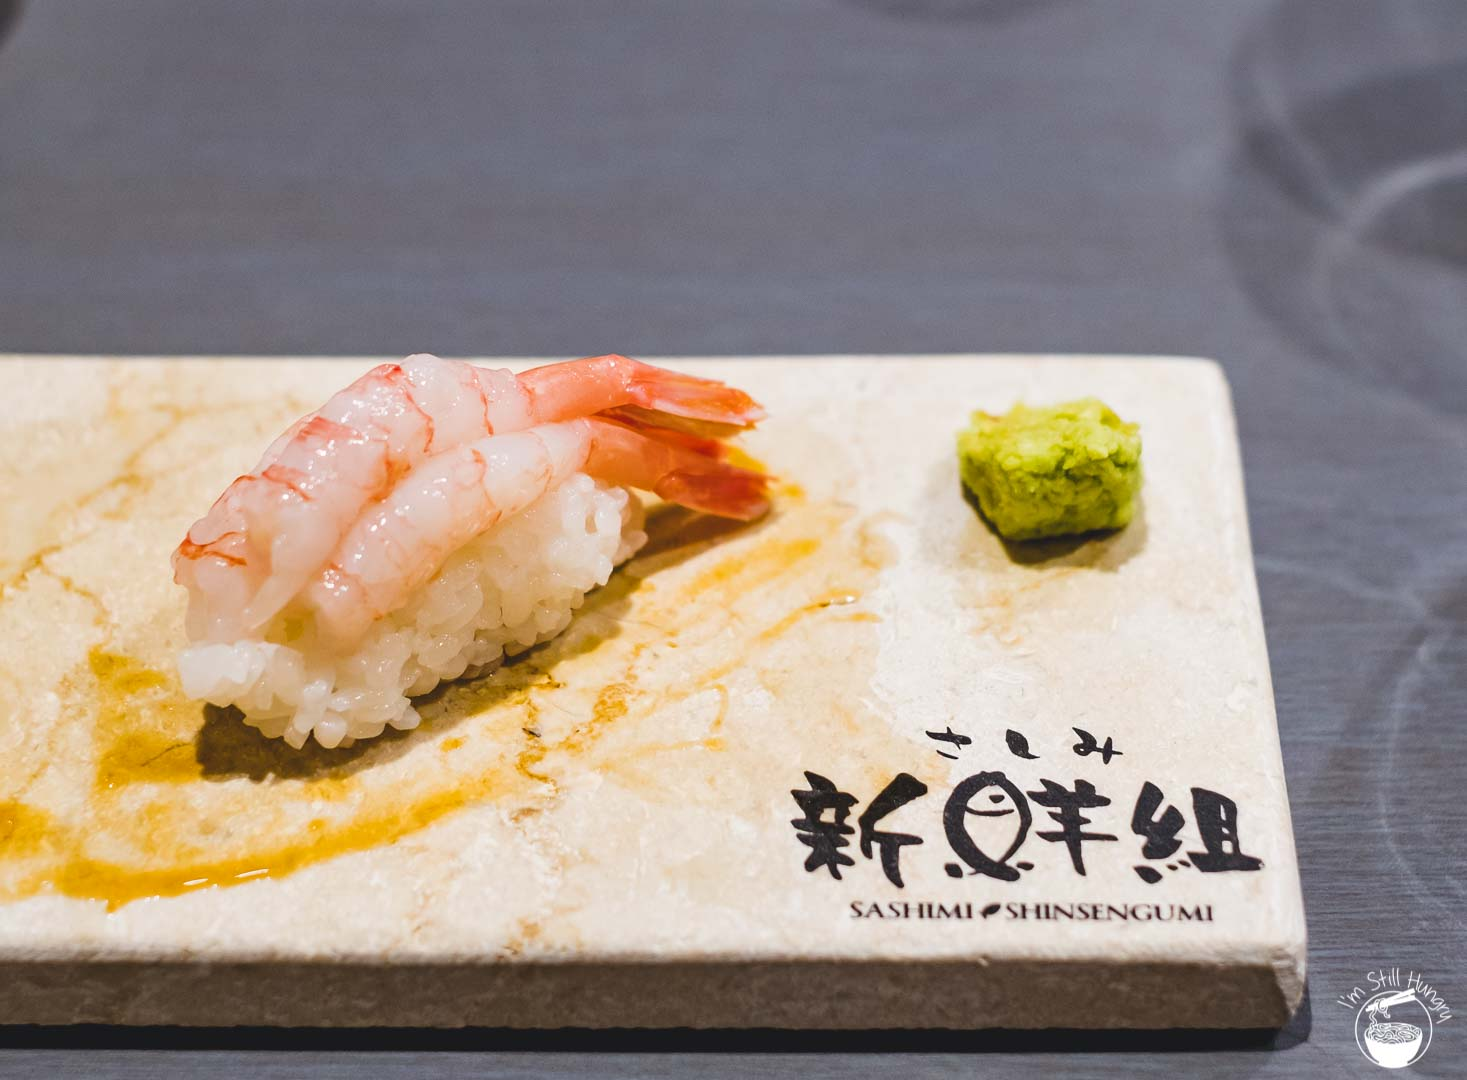 Sashimi Shinsengumi Crows Nest Sushi Omakase Sweet shrimp